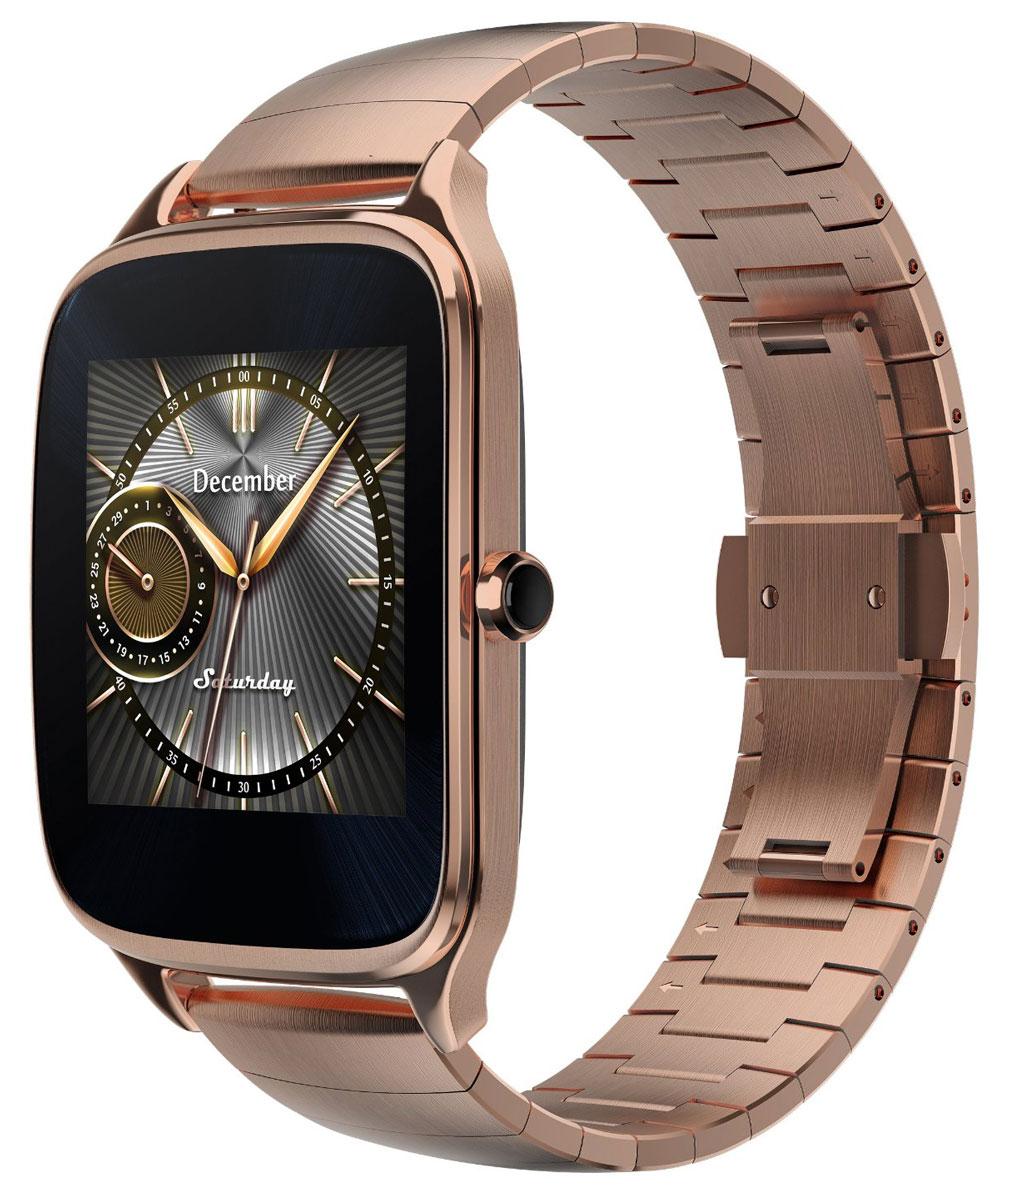 ASUS ZenWatch 2 WI501Q(BQC), Gold смарт-часы4712900359732Asus ZenWatch 2 - традиции и инновации в одном стильном устройстве. ZenWatch 2 - это стильные часы с мощной функциональностью. Корпус часов изготавливается из высококачественной нержавеющей стали. Отражая традиционный дизайн часов, на корпусе ZenWatch 2 имеется металлическая кнопка, которая используется в качестве элемента управления. Помимо 60 стандартных циферблатов можно создавать свои собственные варианты оформления экрана часов с помощью приложения FaceDesigner. С помощью часов ZenWatch 2 можно легко обмениваться короткими текстовыми сообщениями, смайликами и рисунками с друзьями и близкими. Просматривайте важную информацию и реагируйте на нее простым прикосновением к экрану или с помощью голосовой команды. Встроенный в часы шагомер обладает высокой точностью, позволяя пользователю следить за своей физической активностью и прогрессом в достижении фитнес-целей. Также имеется функция мониторинга сна. ...